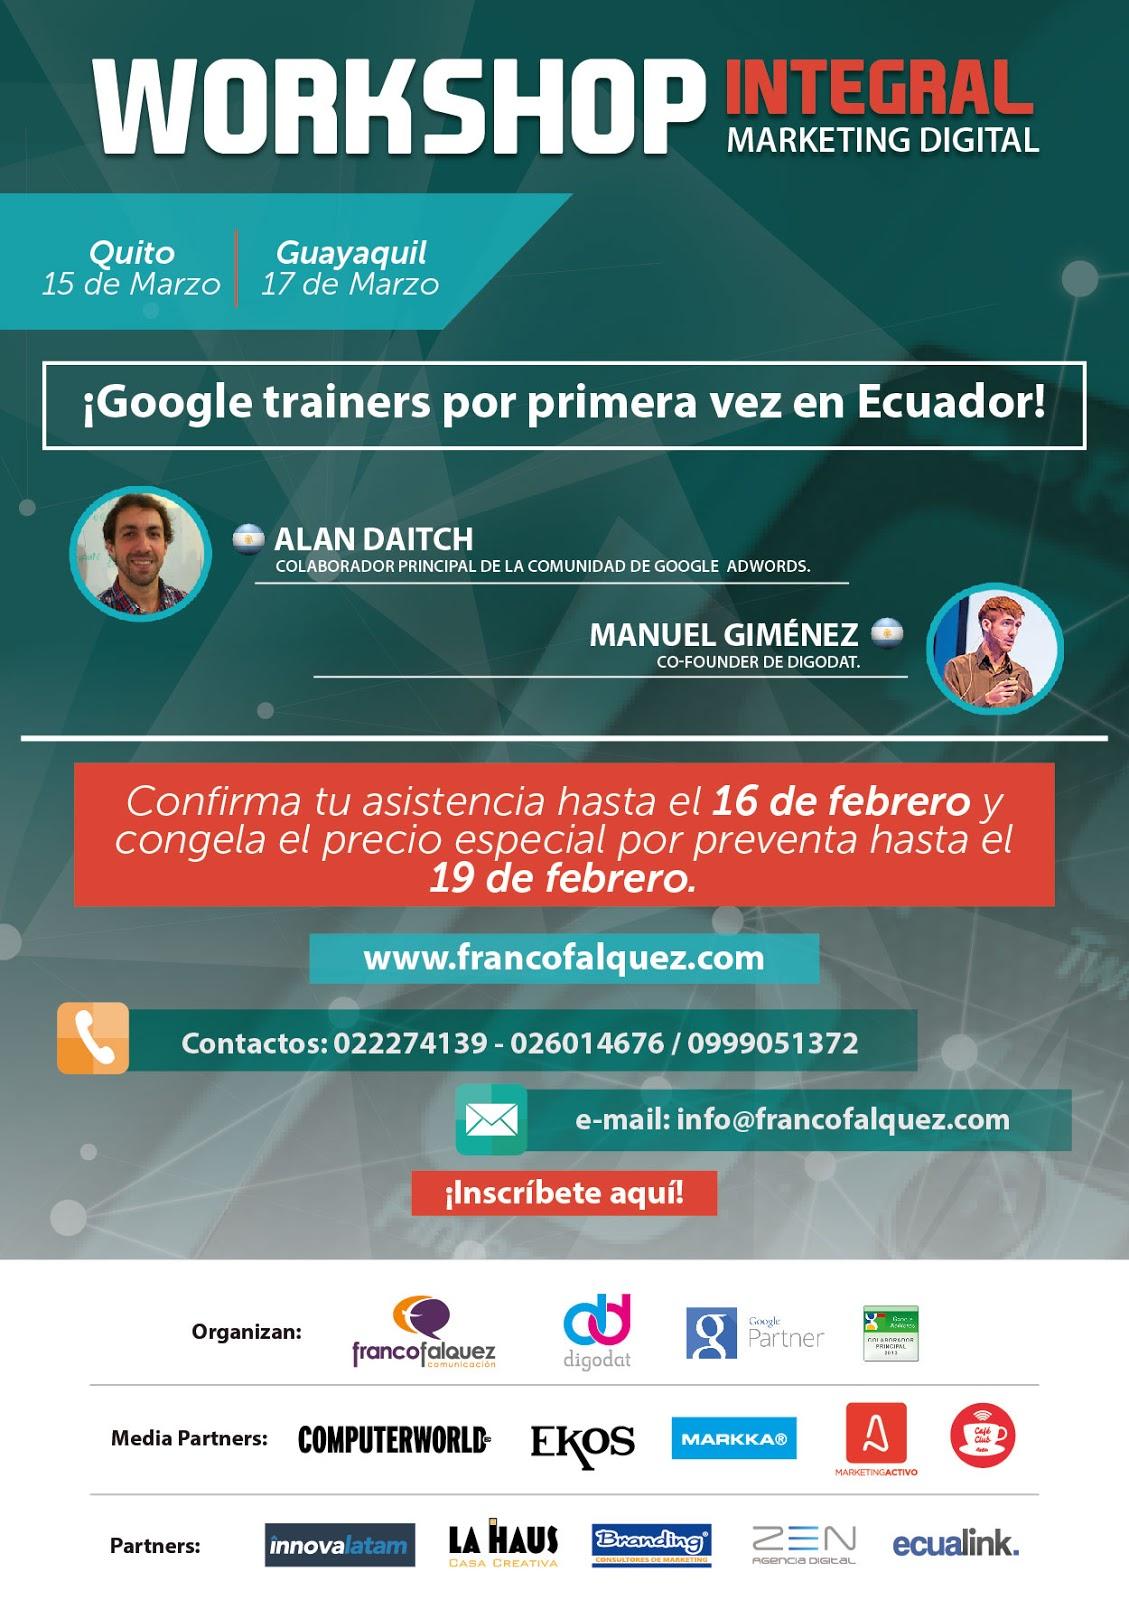 Workshop Integral de Marketing Digital 2016